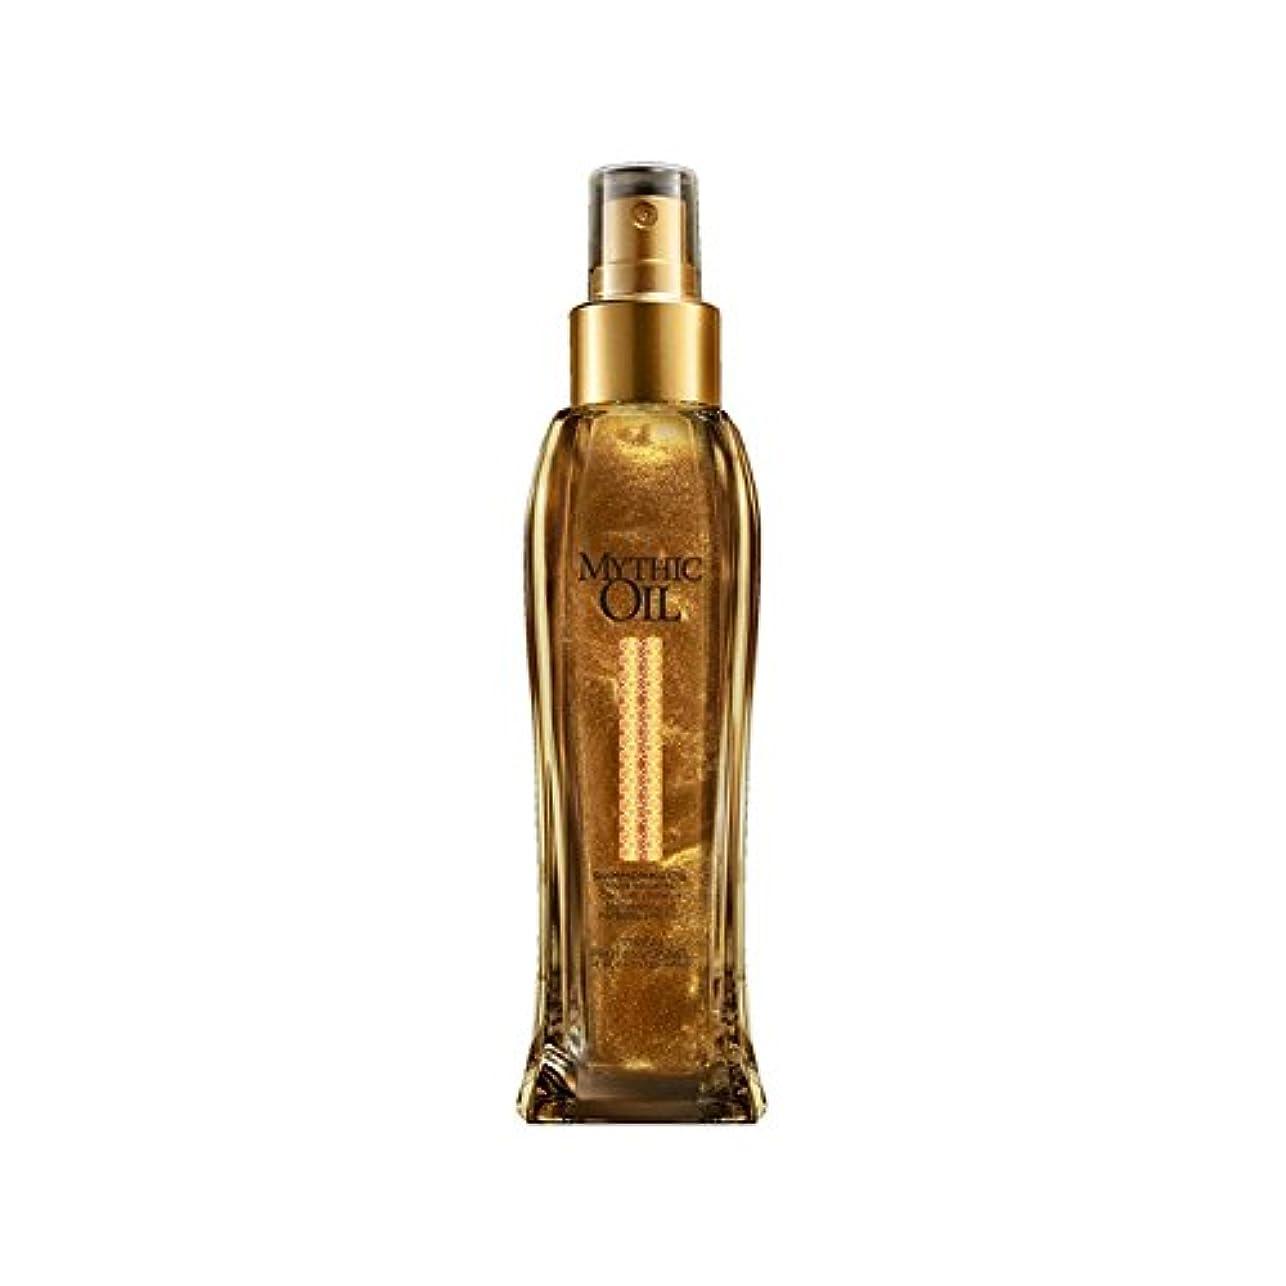 パノラマ追い払うウサギL'Oreal Professionnel Mythic Oil Shimmering Oil (100ml) - ロレアルプロフェッショナルの神話油きらめくオイル(100ミリリットル) [並行輸入品]